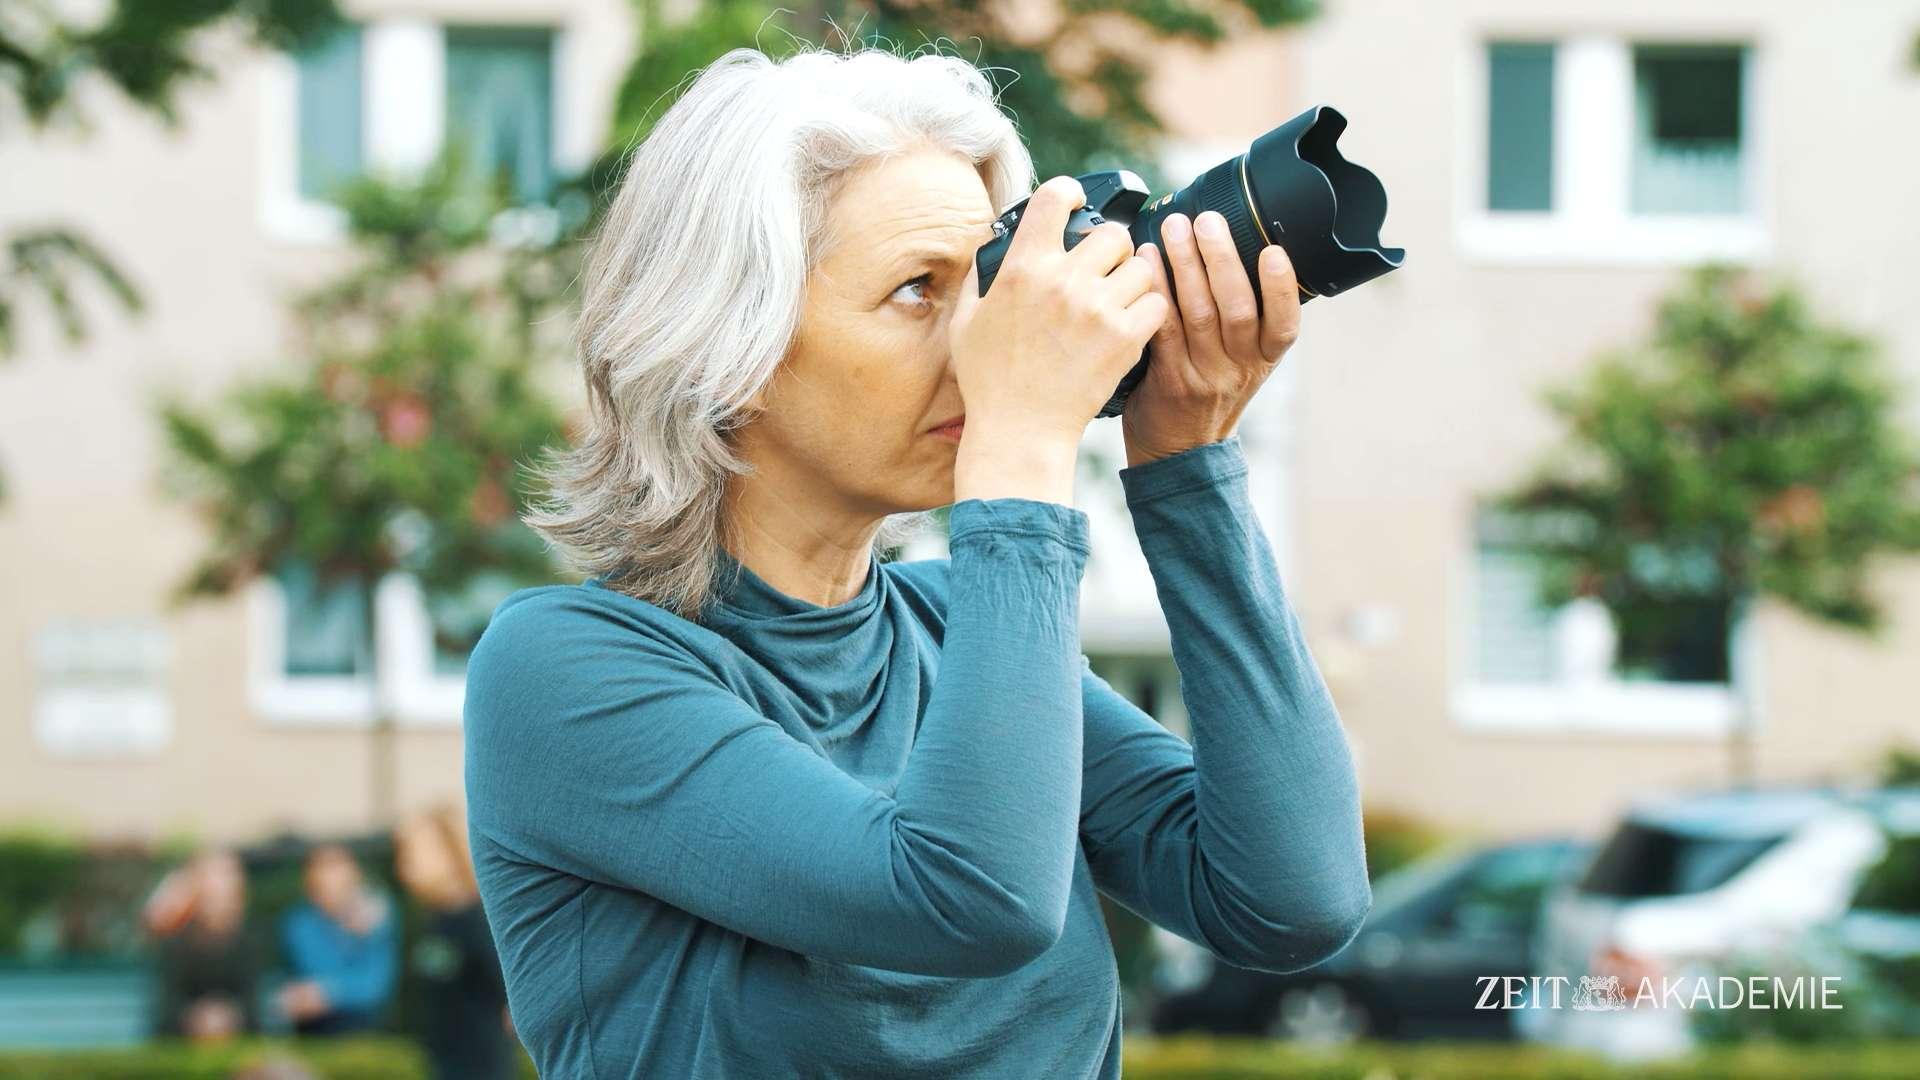 ZEIT Akademie – Angewandte Fotografie